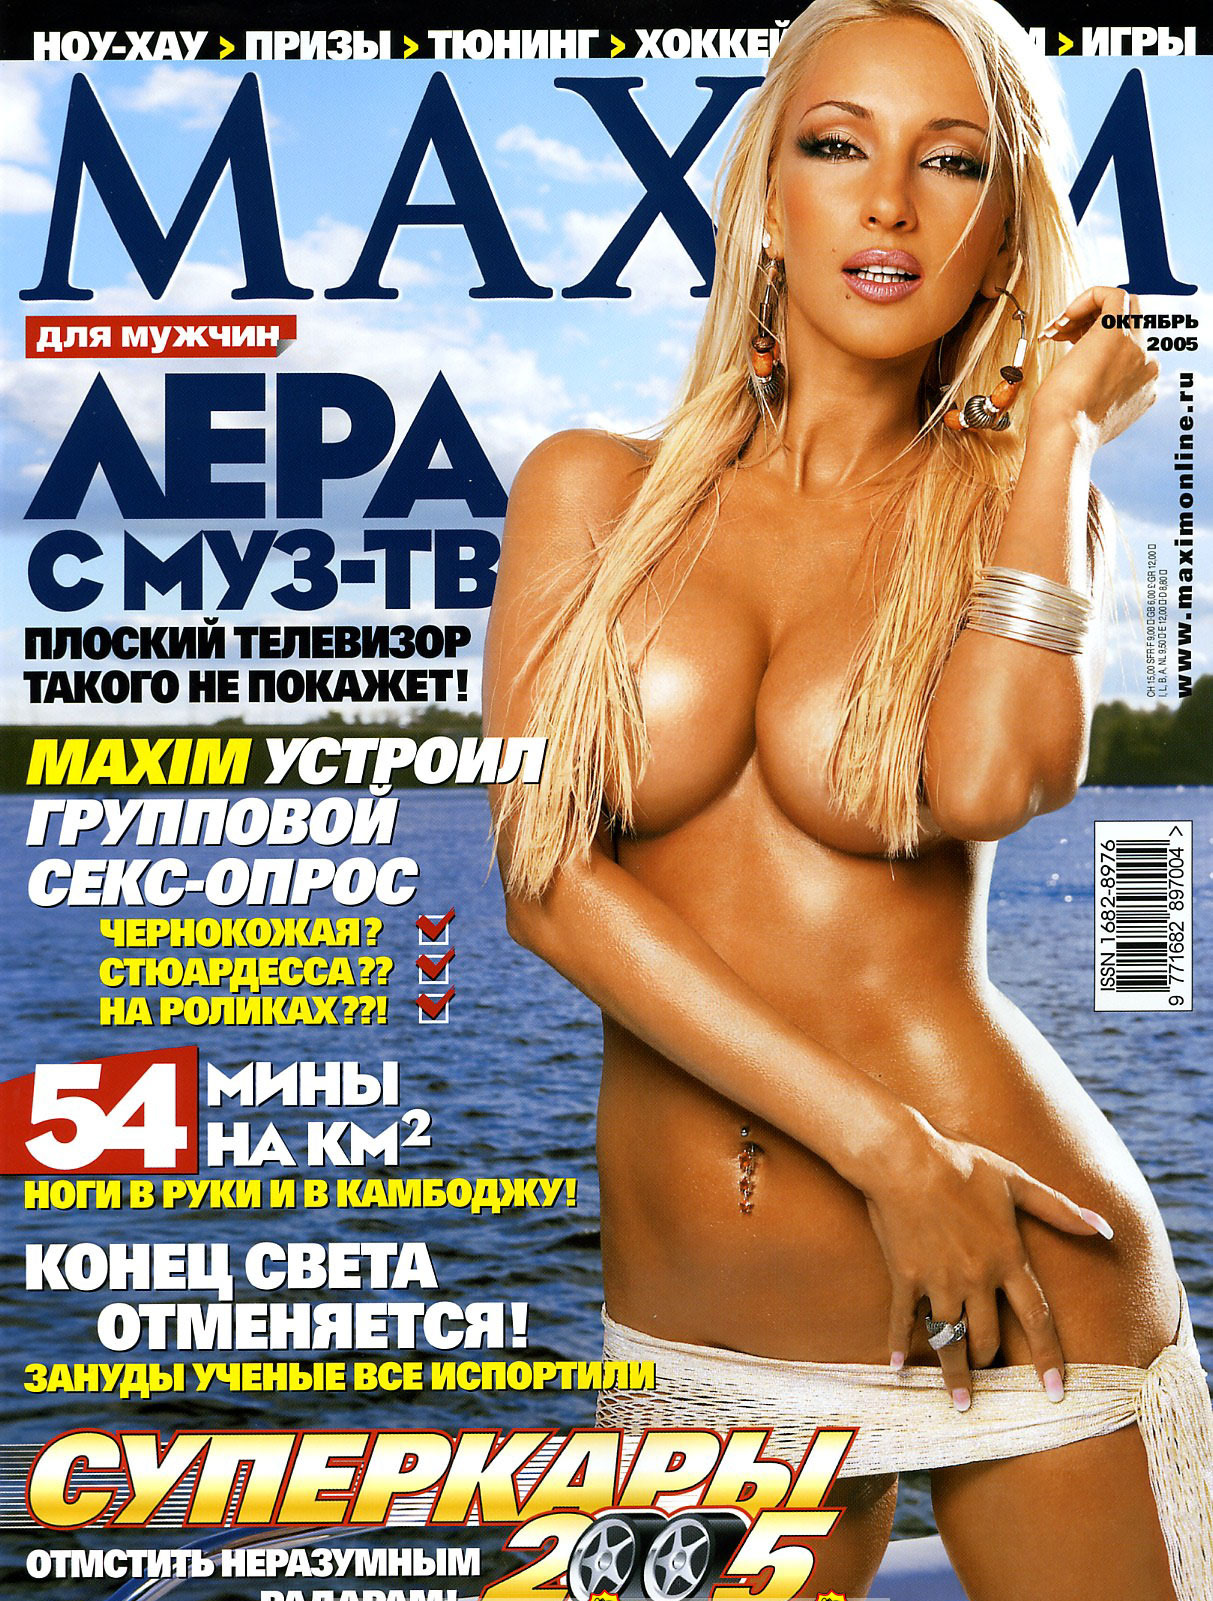 Журнал голые груди